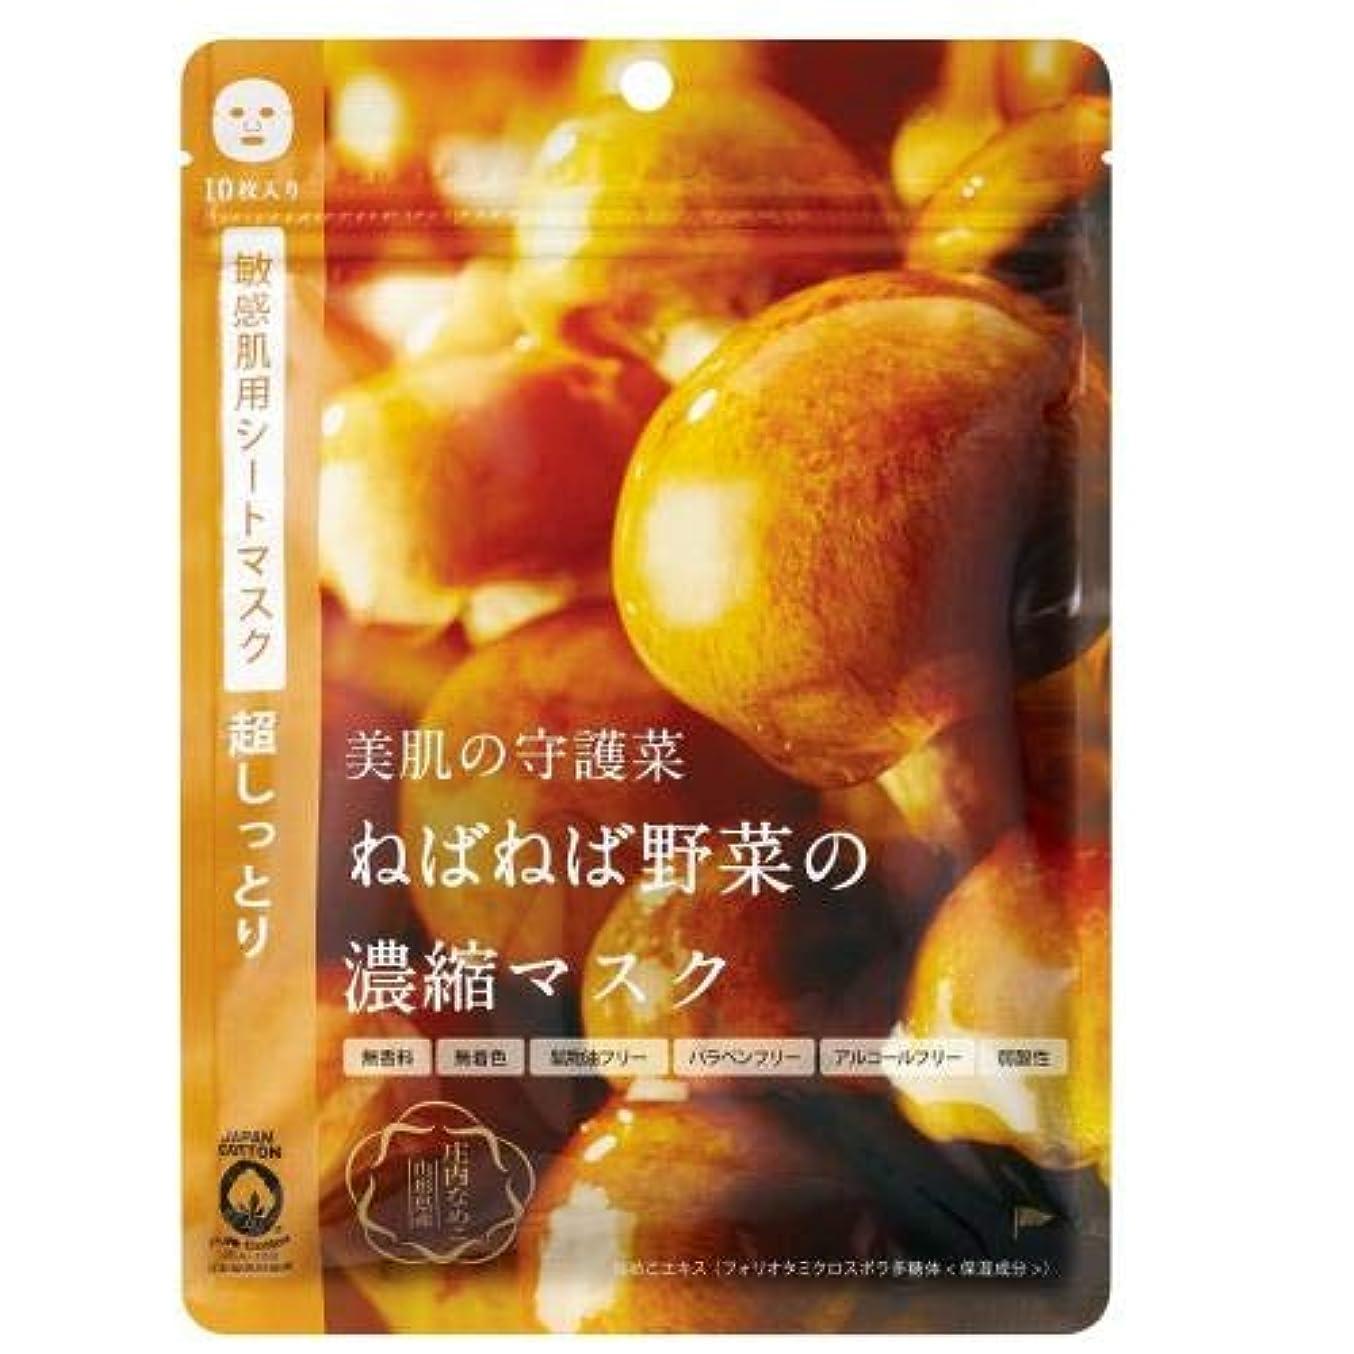 人事セイはさておき船外アイメーカーズ @cosme nippon (アットコスメニッポン) 美肌の守護菜 ねばねば野菜の濃縮マスク 庄内なめこ 10枚 3個セット